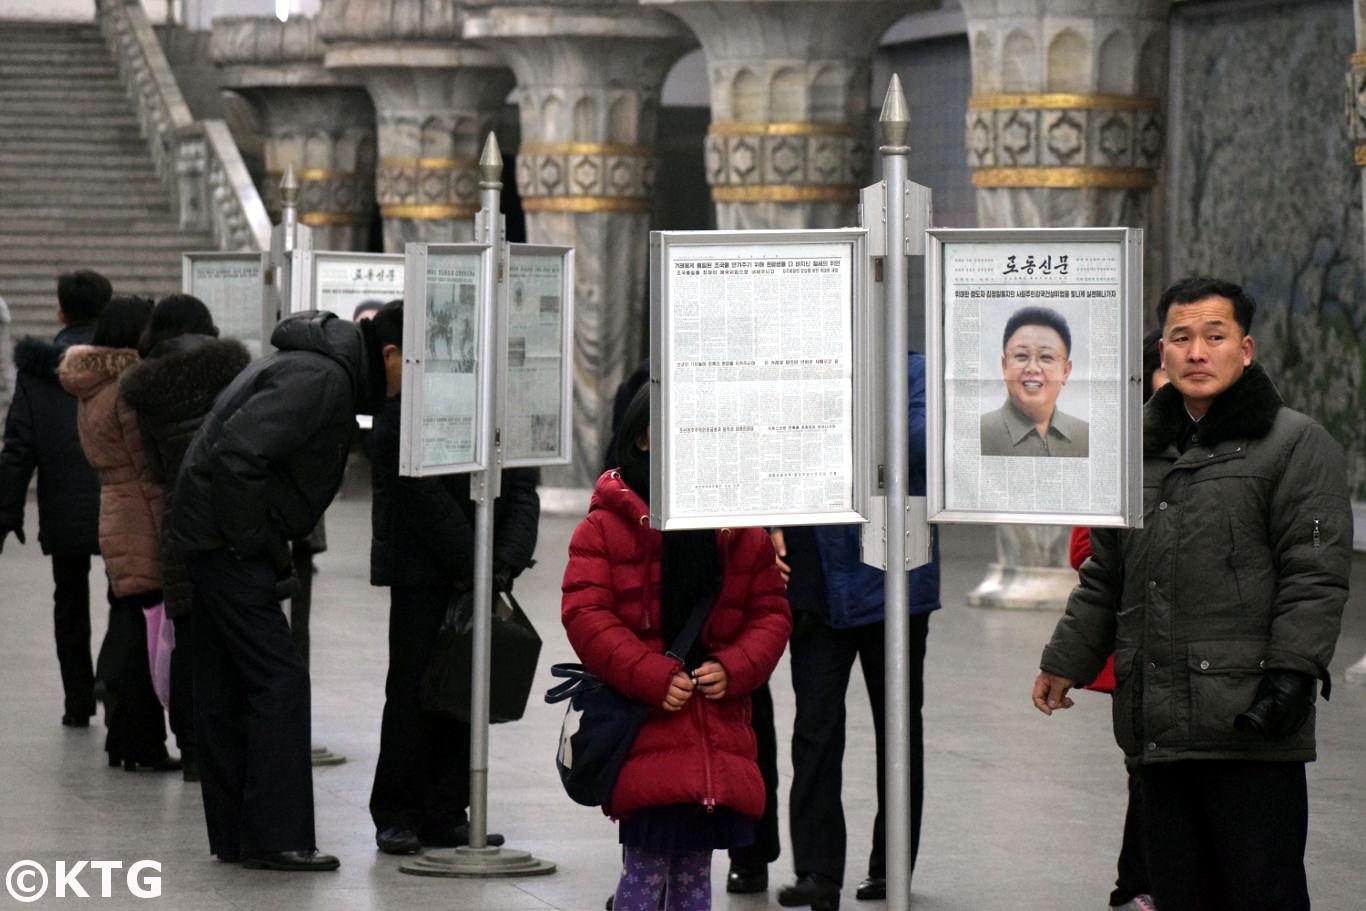 Transeúntes norcoreanos leyendo el periódico en la estación de metro. Foto tomada por viajes KTG